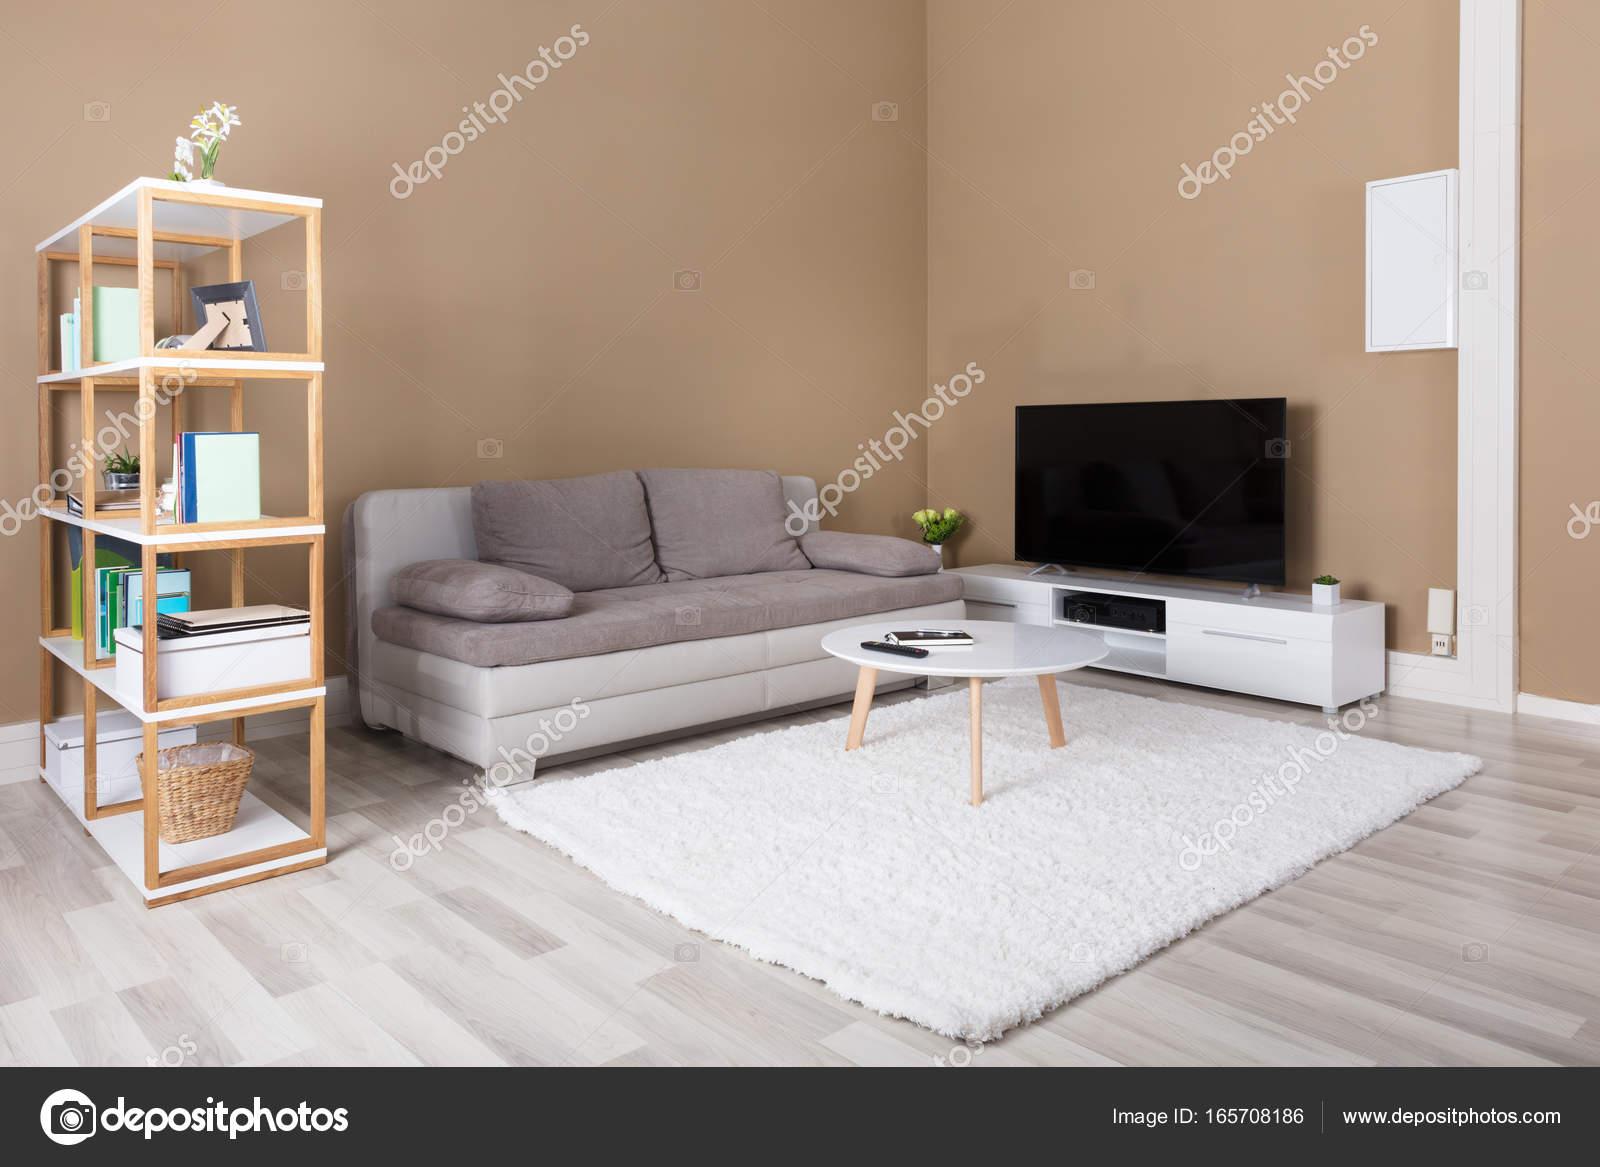 Wohnung Mit Fernseher Und Sofa Stockfoto C Andreypopov 165708186